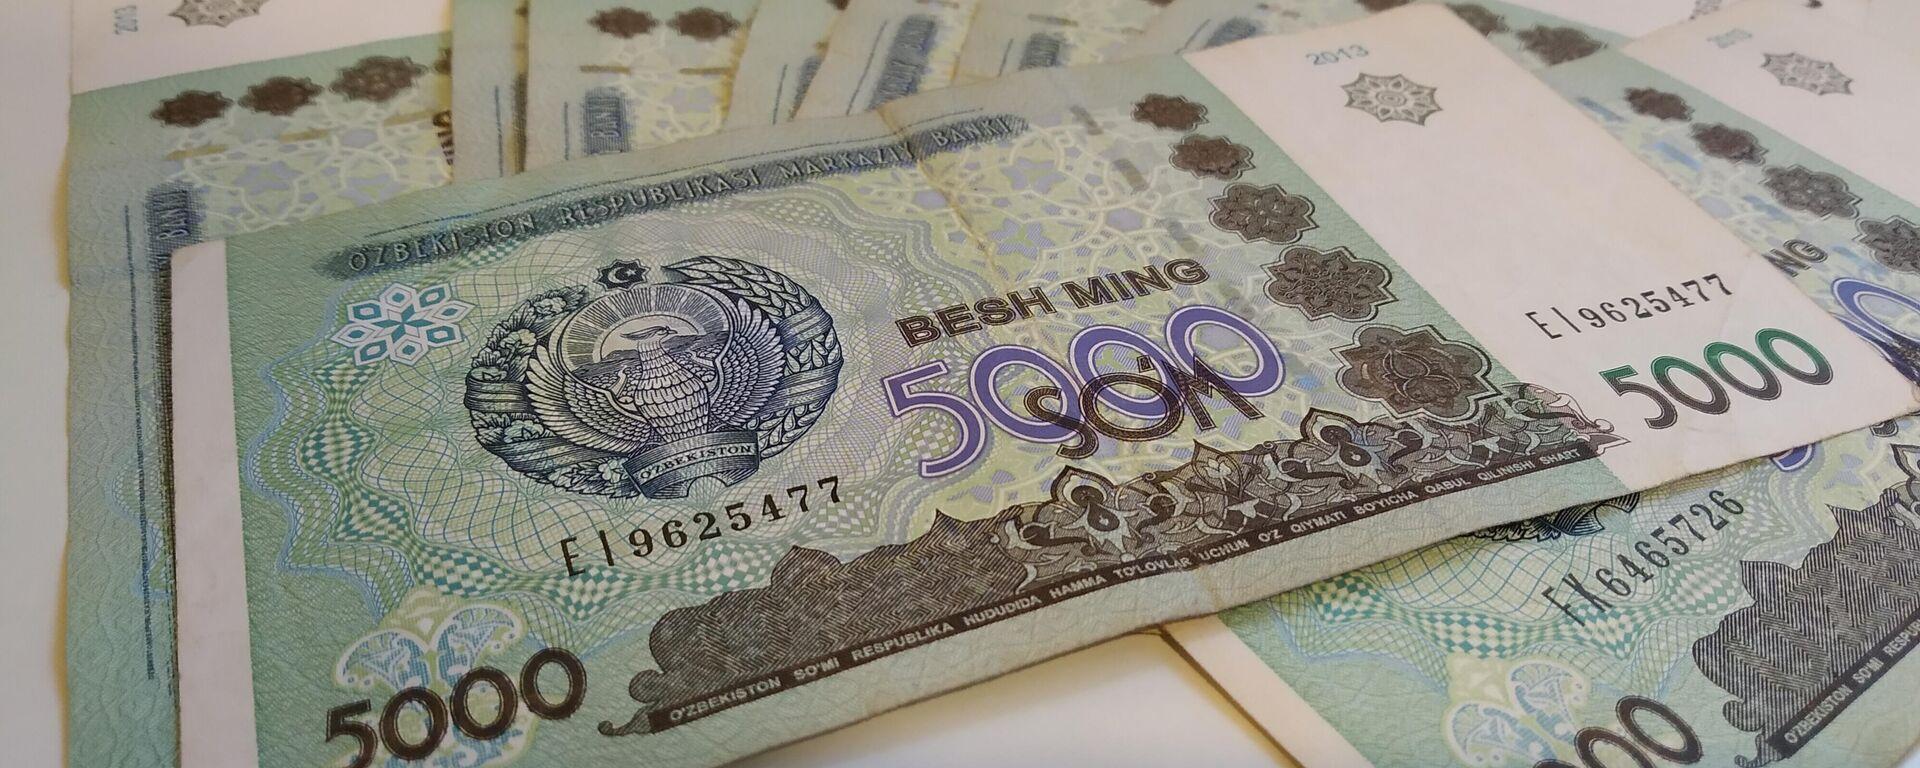 Узбекские деньги, 5000 сумов - Sputnik Узбекистан, 1920, 24.09.2021